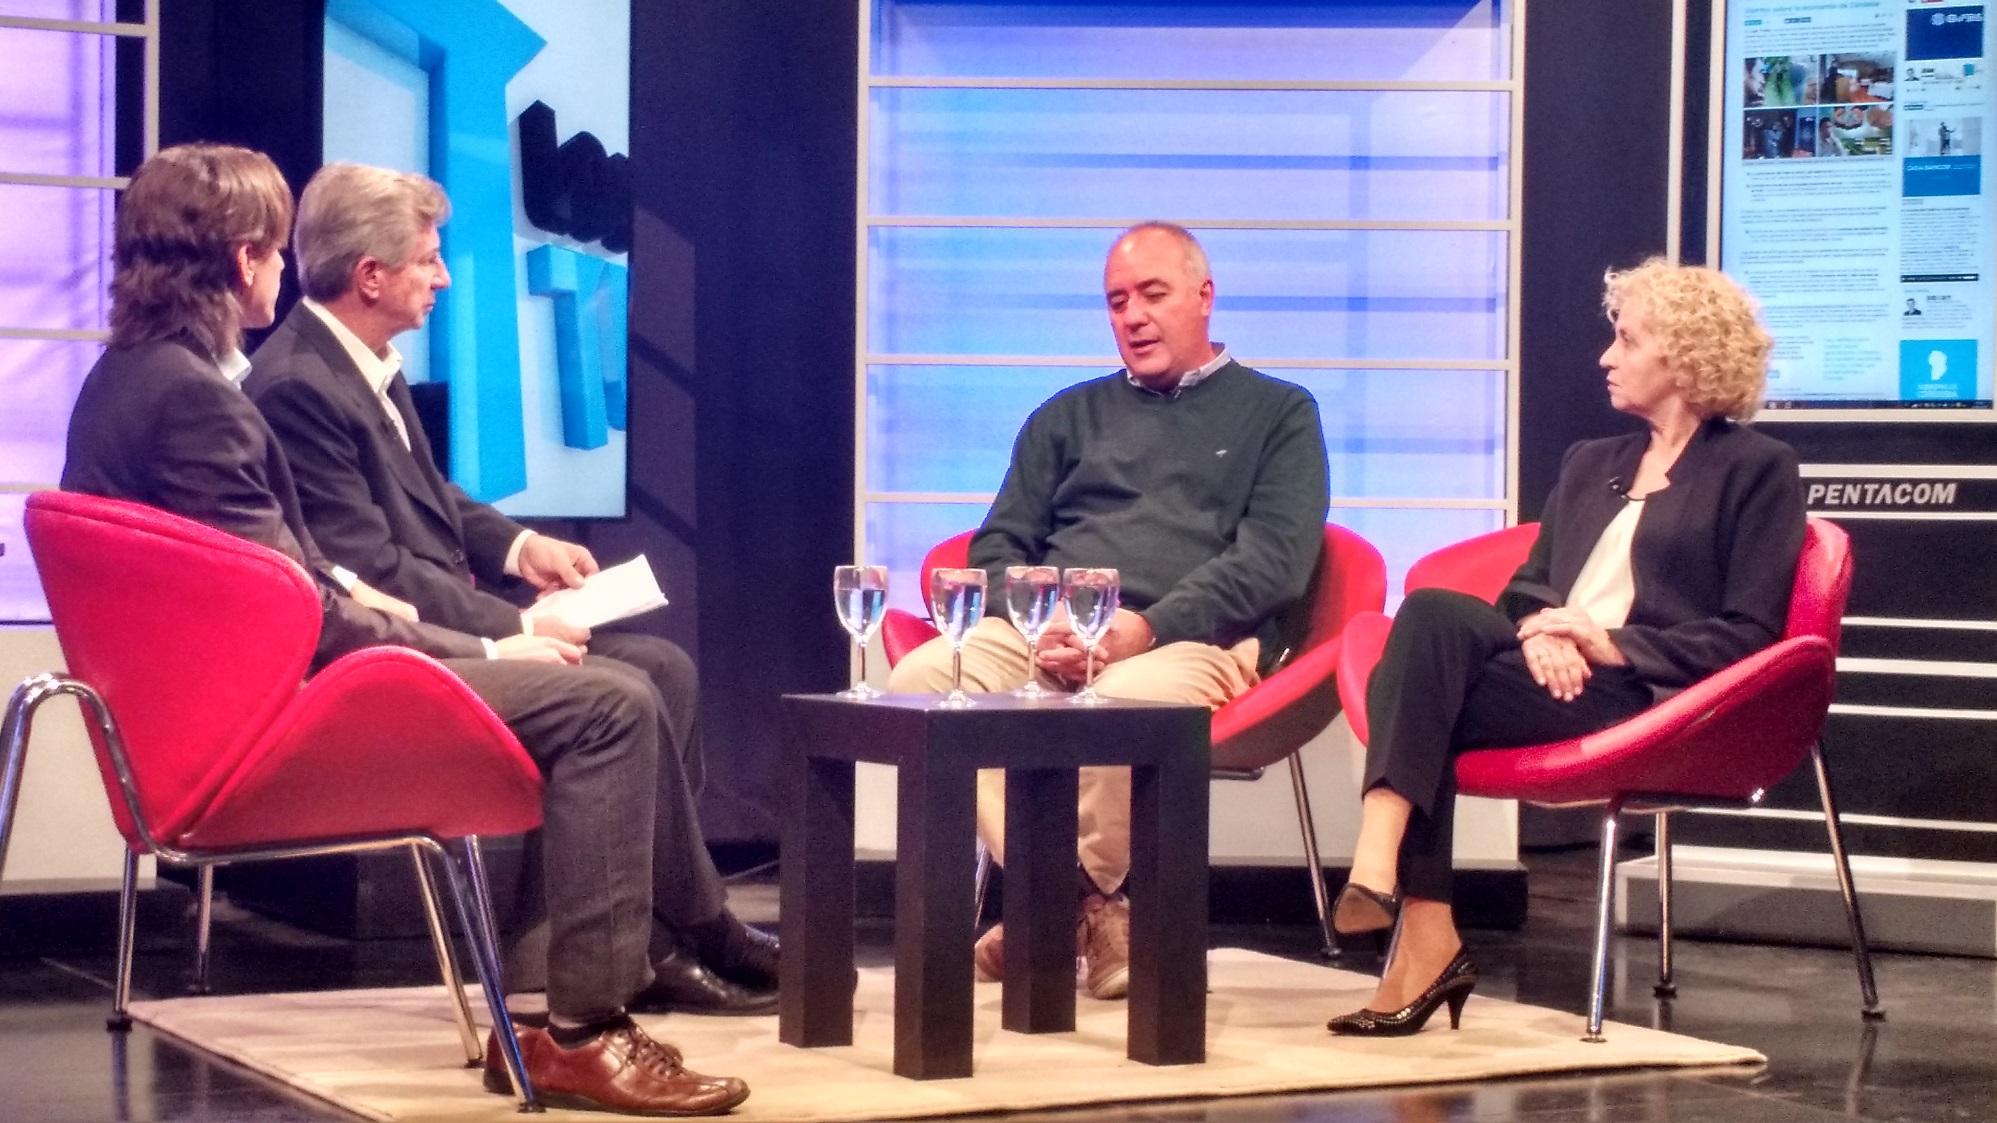 Sebastián Turello y Juan Turello entrevistan a Luis Macario (Bolsa de Cereales) y Rosana Negrini (Agrometal) sobre los desafíos del campo.